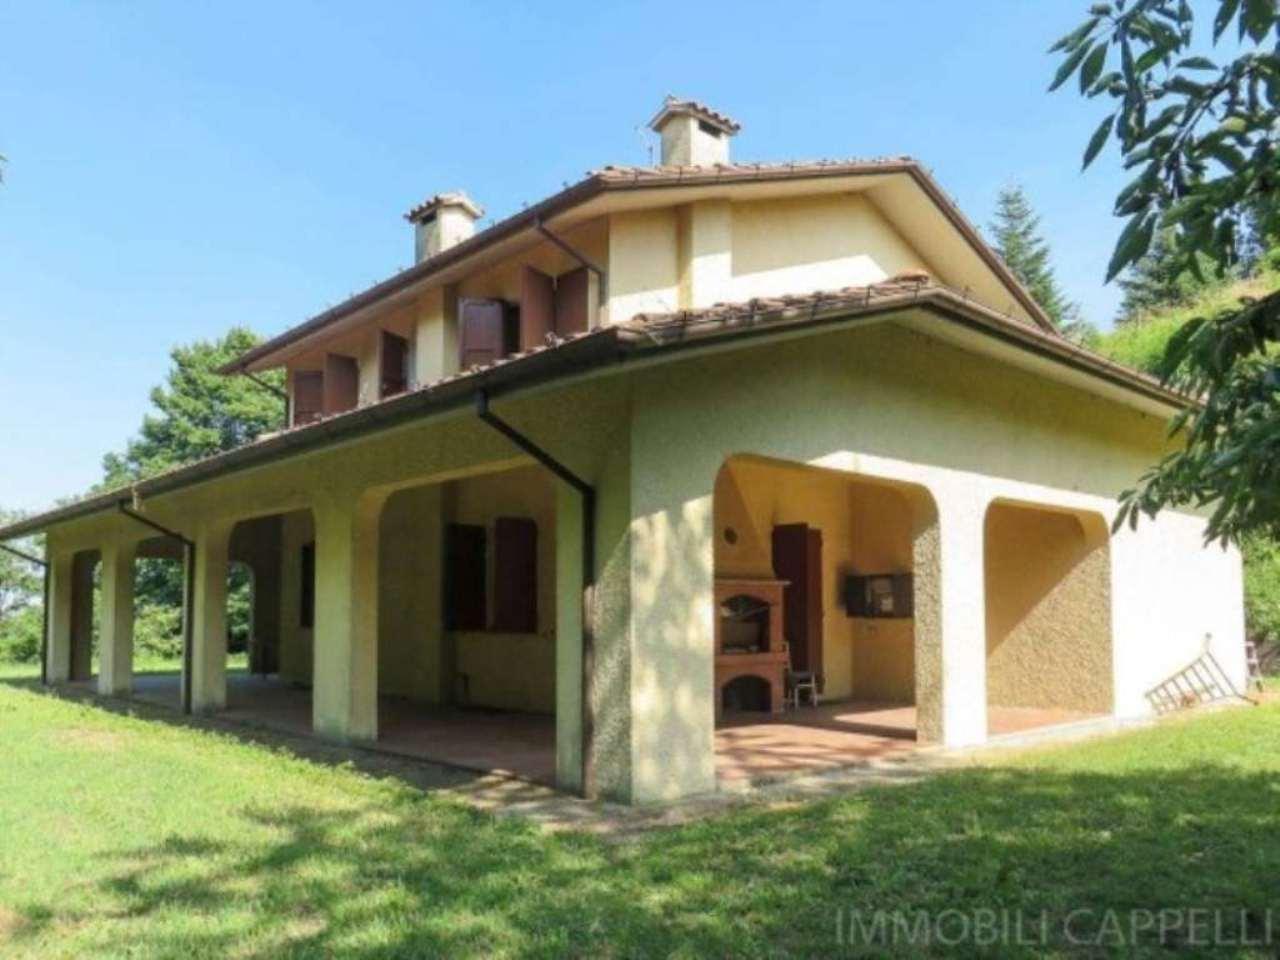 Villa in vendita a Cesena, 6 locali, prezzo € 460.000 | CambioCasa.it